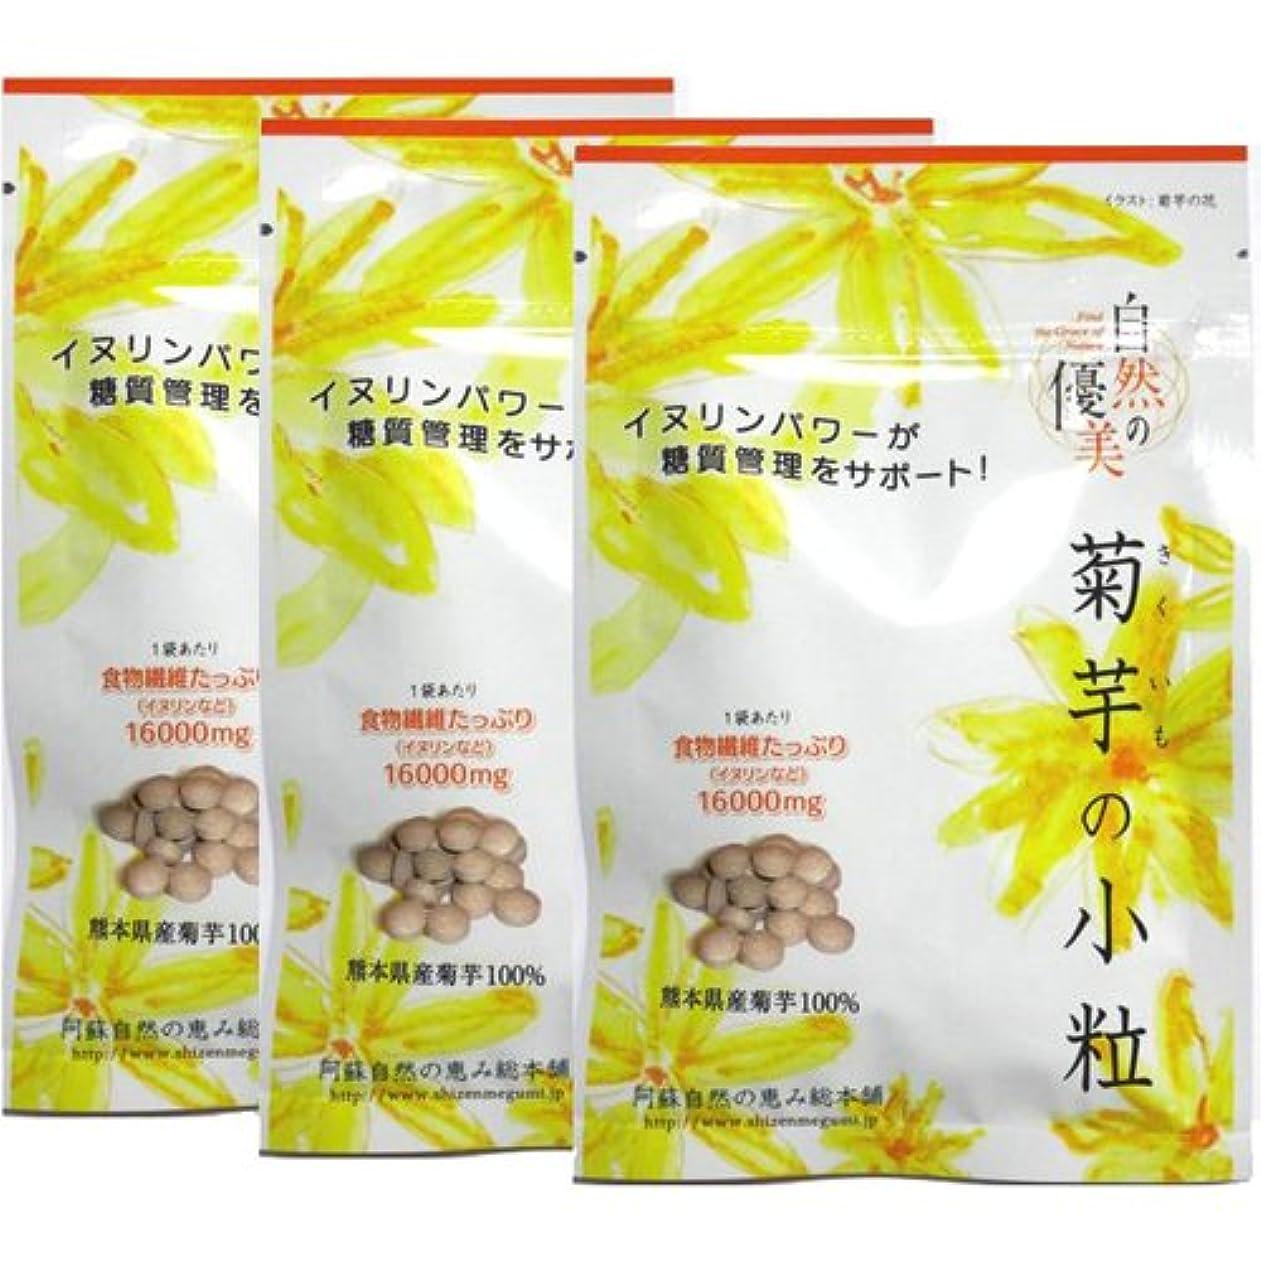 同情的故意に折る阿蘇自然の恵み総本舗 菊芋の小粒 100錠×3袋